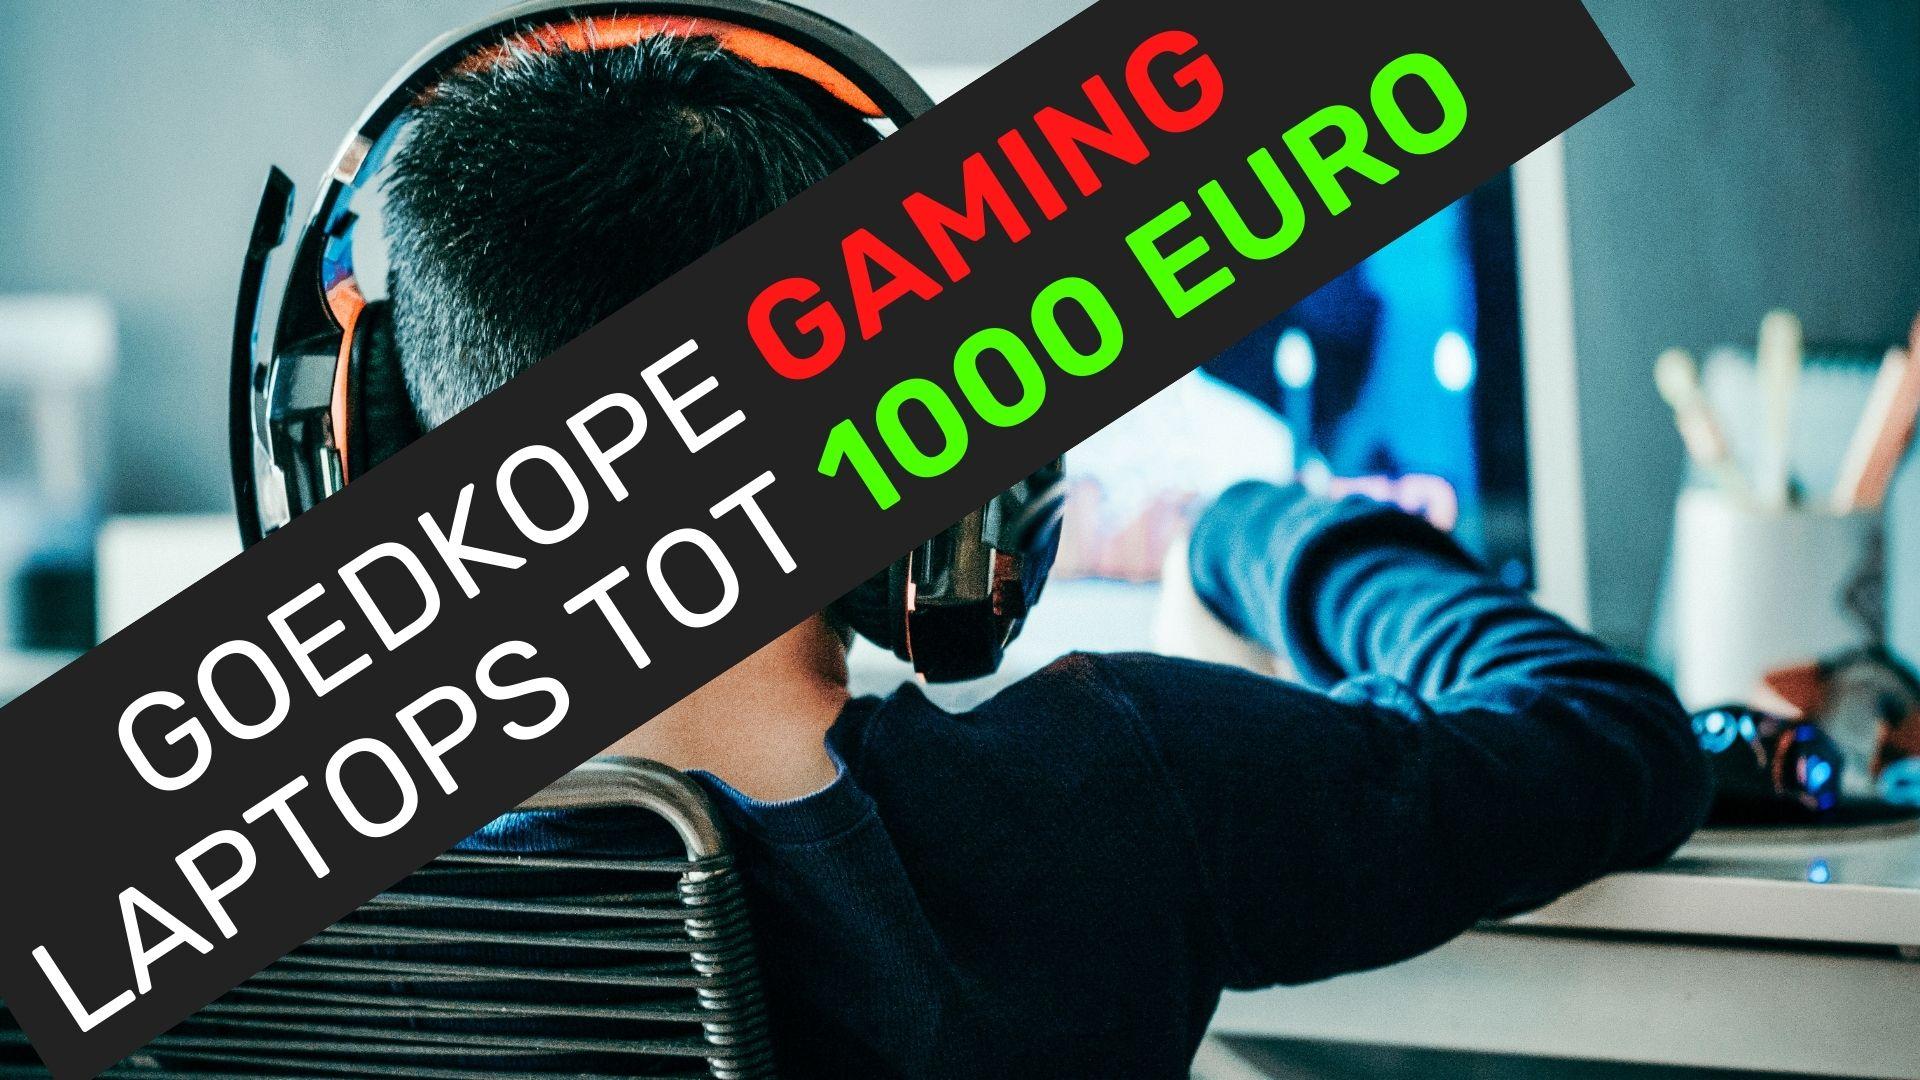 Beste goedkope gaming laptops onder 1000 euro